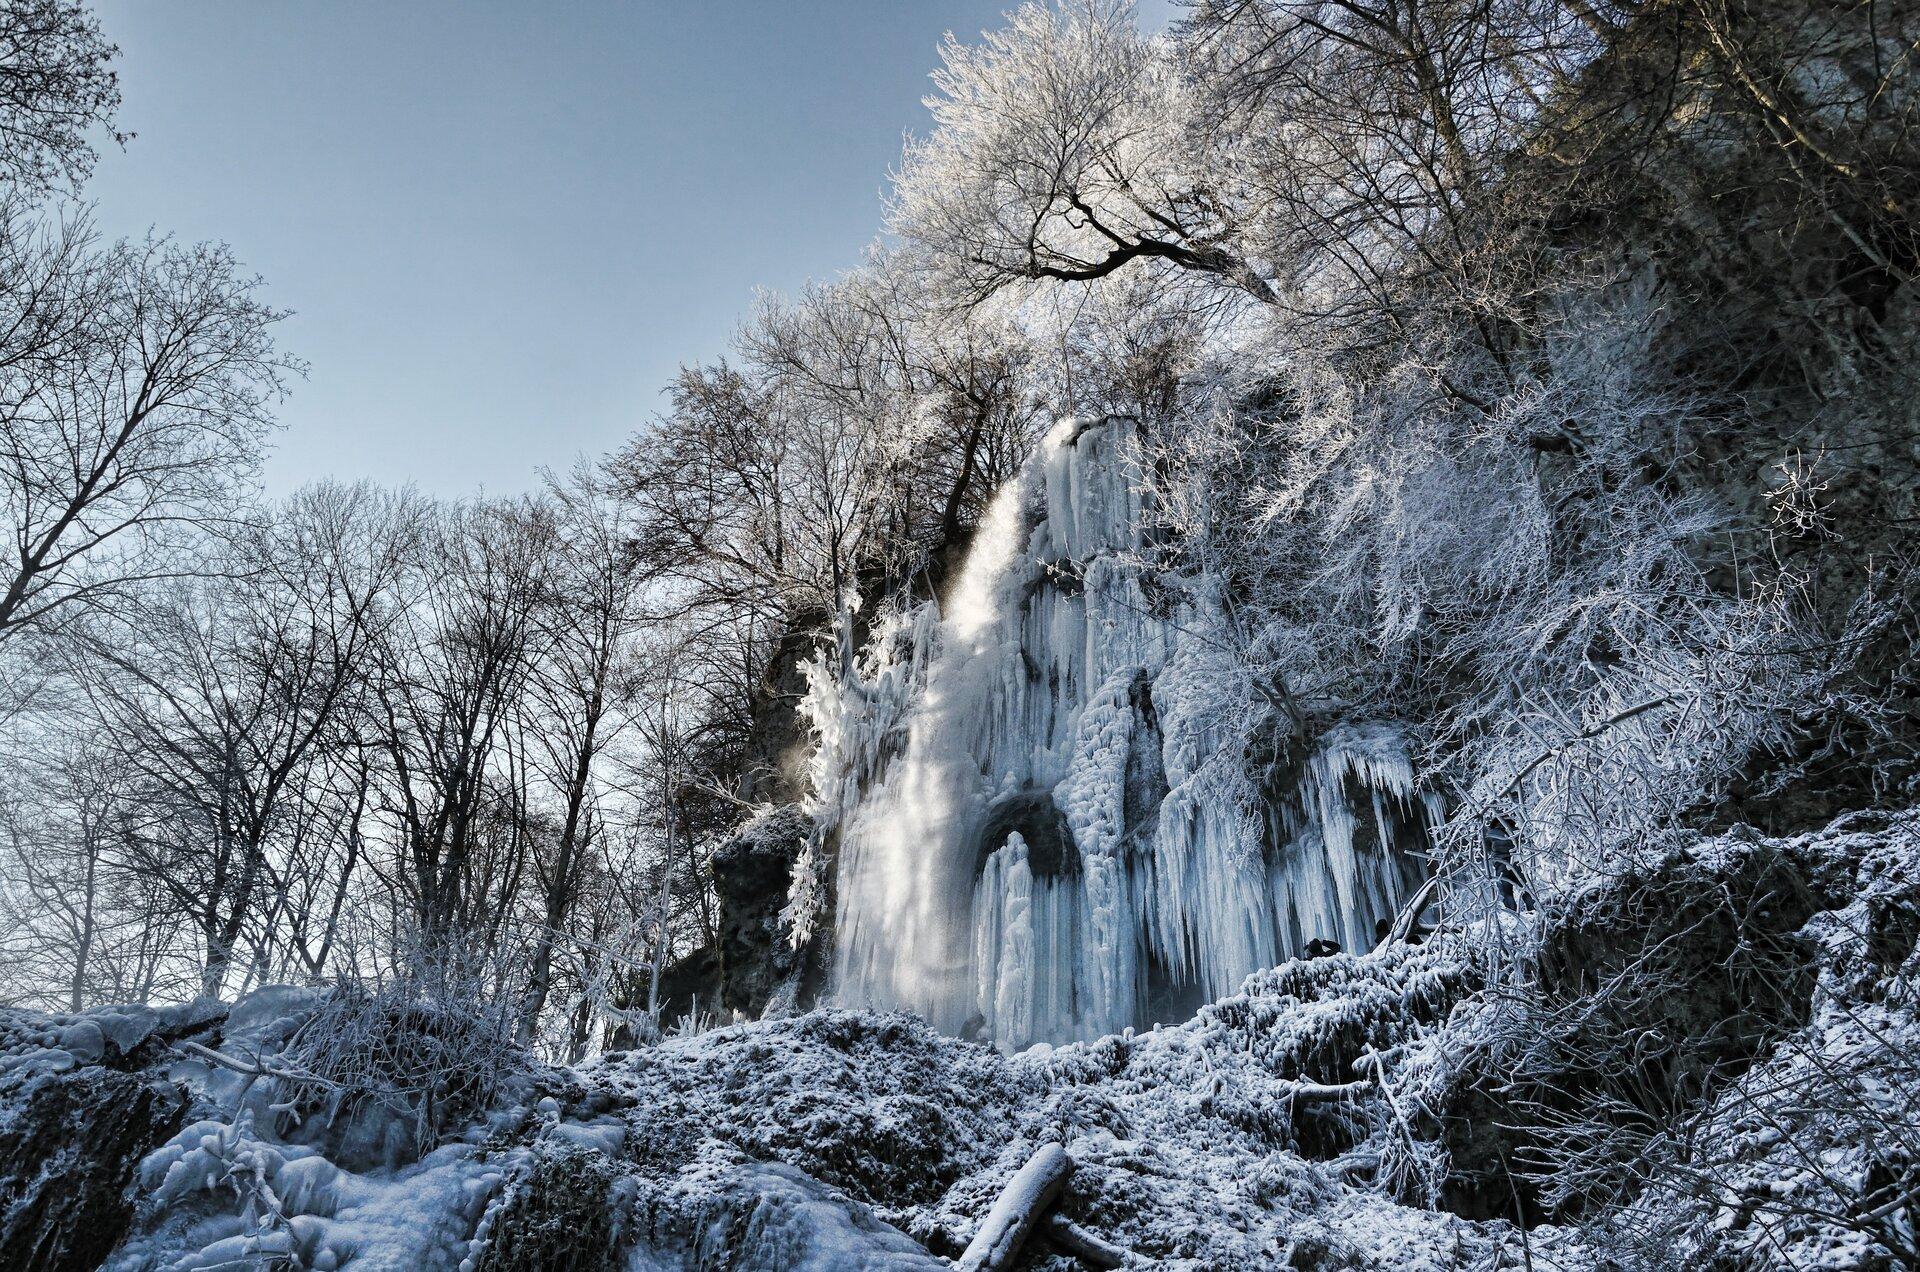 Zdjęcie przedstawia wodospad zimą uwieczniony od jego podstawy. Najbliższe okolice wodospadu oraz większa część jego powierzchni pokryte są lodem. Drzewa rosnące poniżej skalnej półki zktórej wypływa woda również są silnie oszronione. Pozostałe drzewa mają gałęzie nagie. Prawa idolna krawędź kadru zajęta przez ośnieżone skały. Wlewym górnym rogu kadru niebieskie bezchmurne niebo.